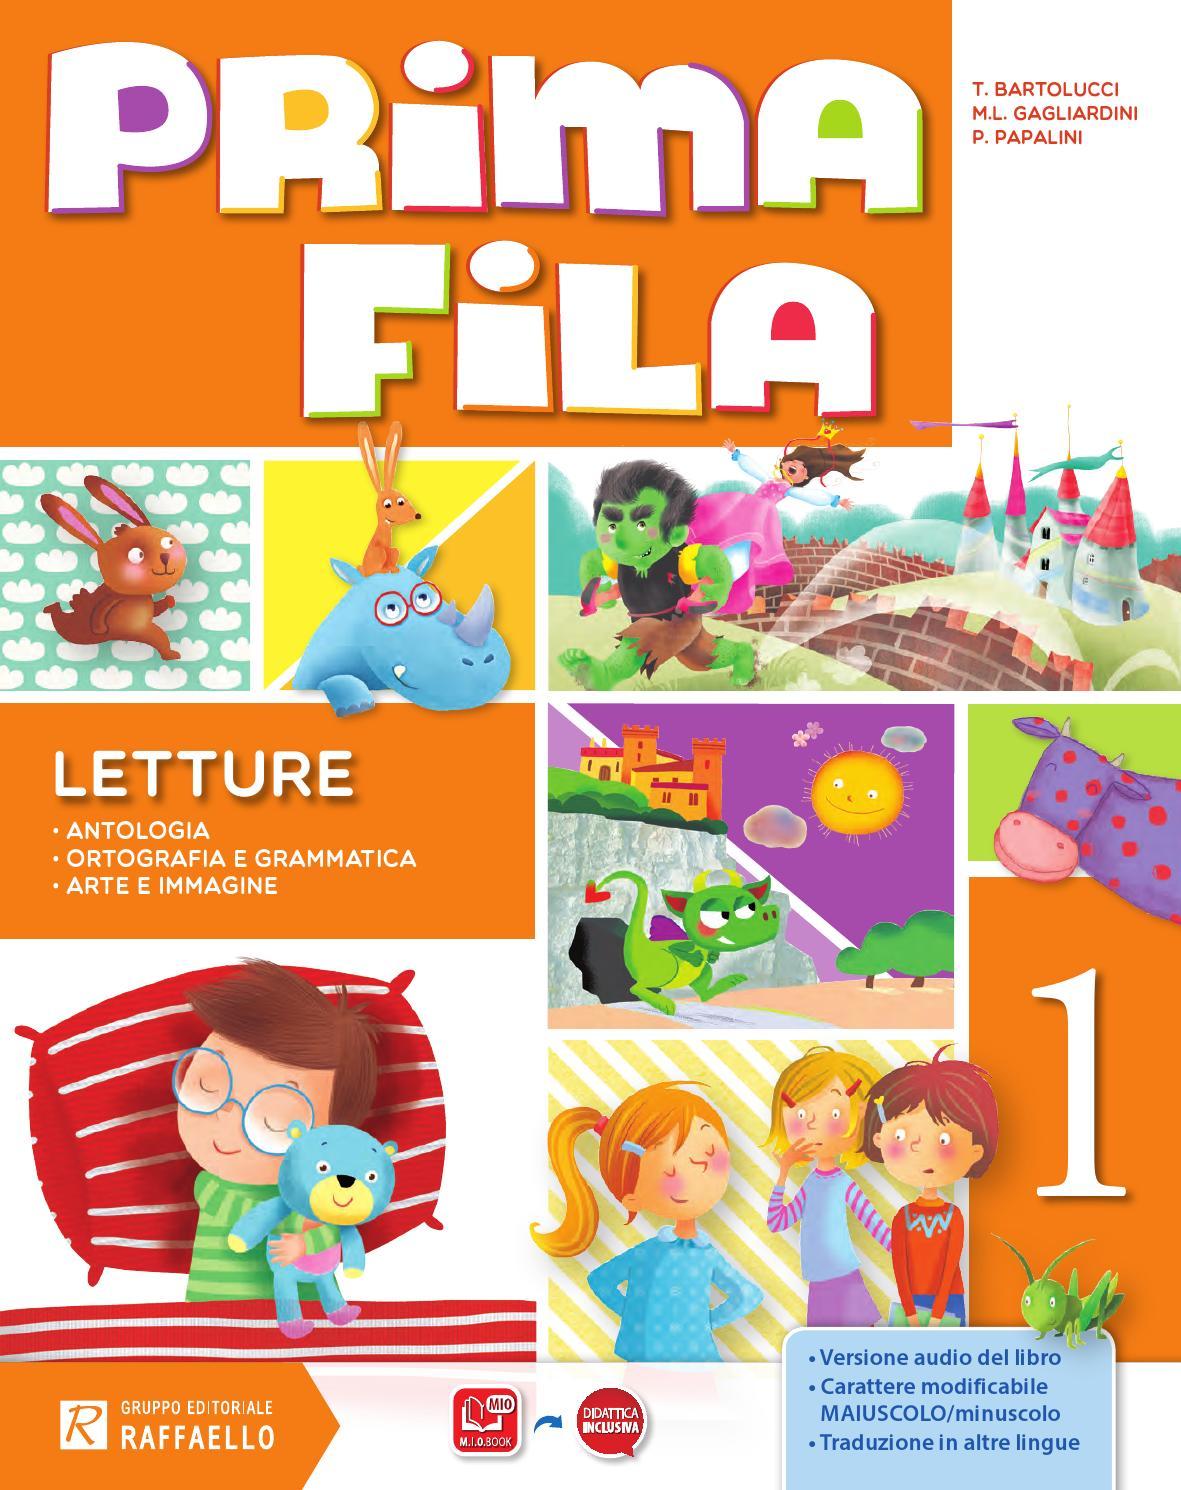 Super Prima fila - Classe 1 - Letture by Gruppo Editoriale Raffaello - issuu RZ91